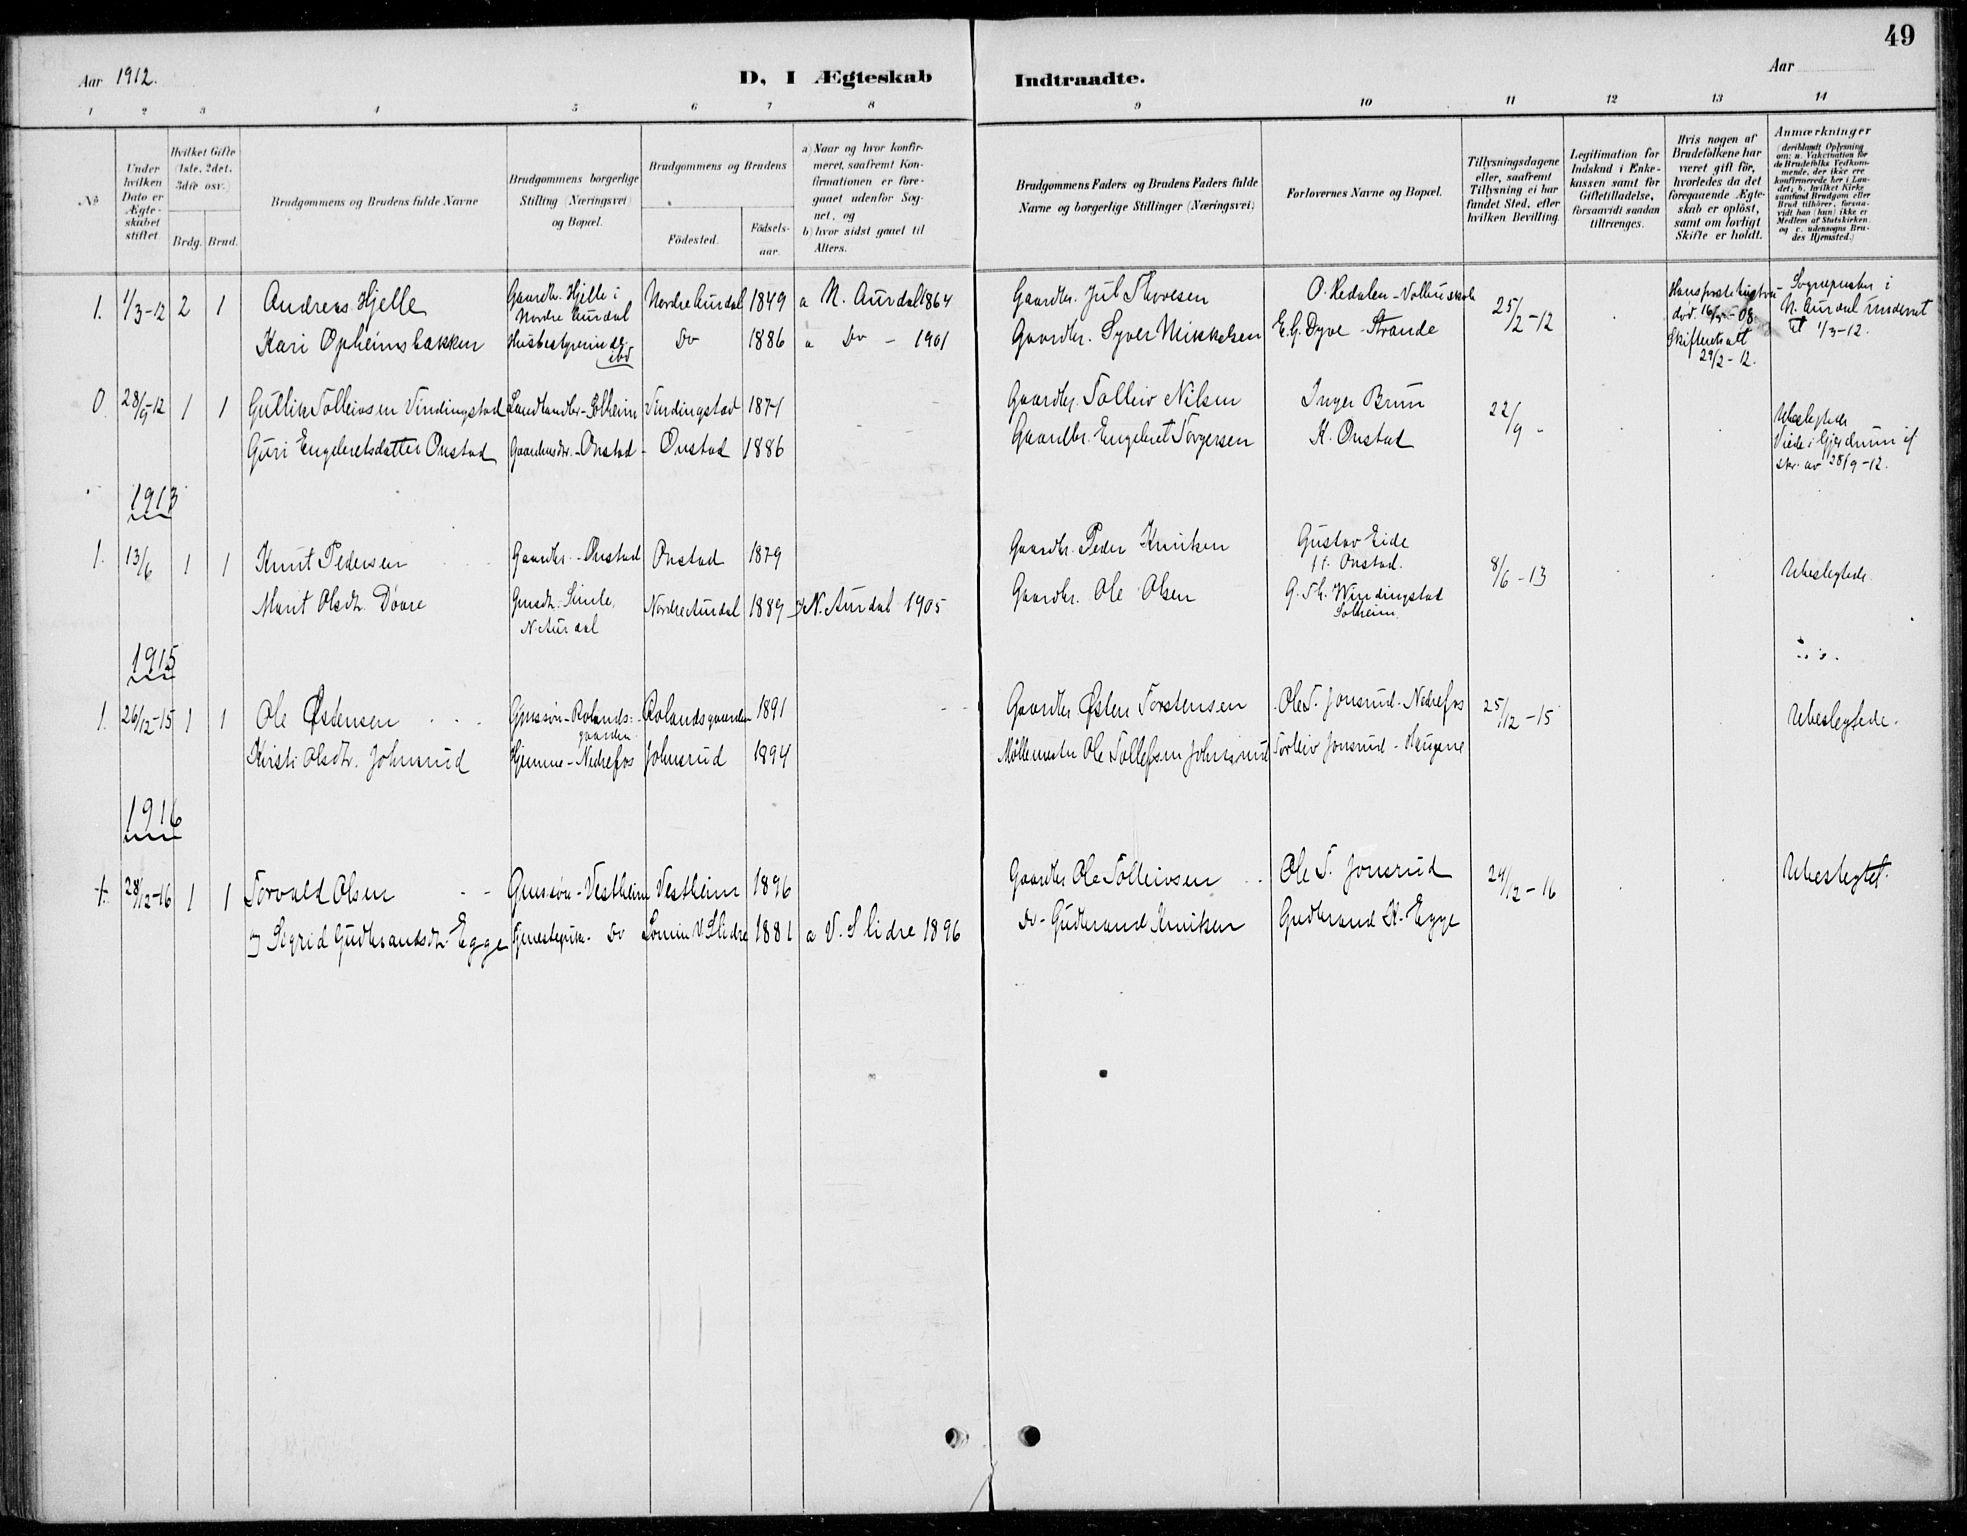 SAH, Øystre Slidre prestekontor, Ministerialbok nr. 5, 1887-1916, s. 49